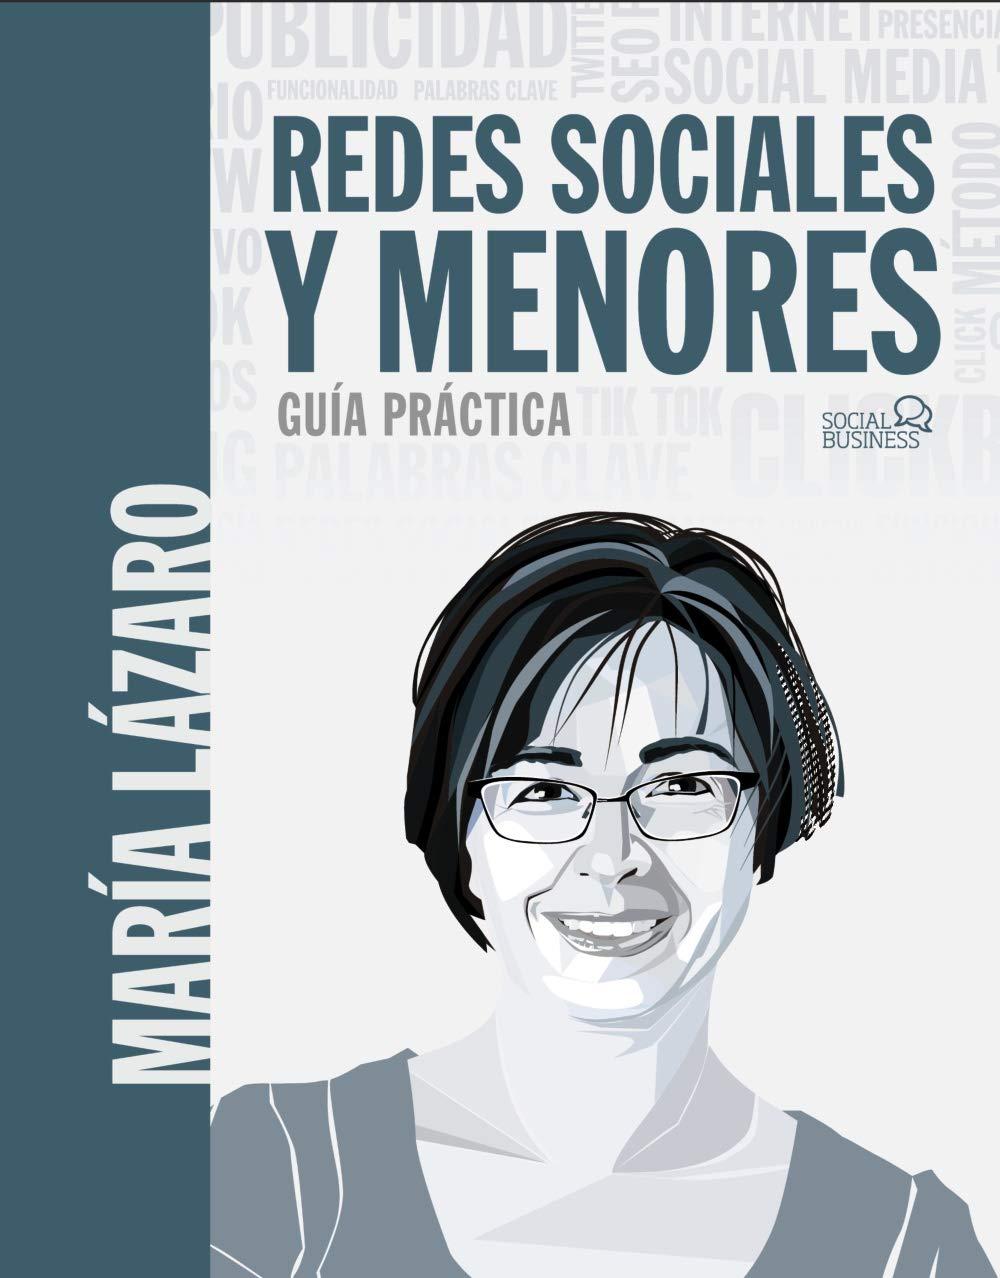 Redes sociales y menores. Guía práctica. De María Lázaro